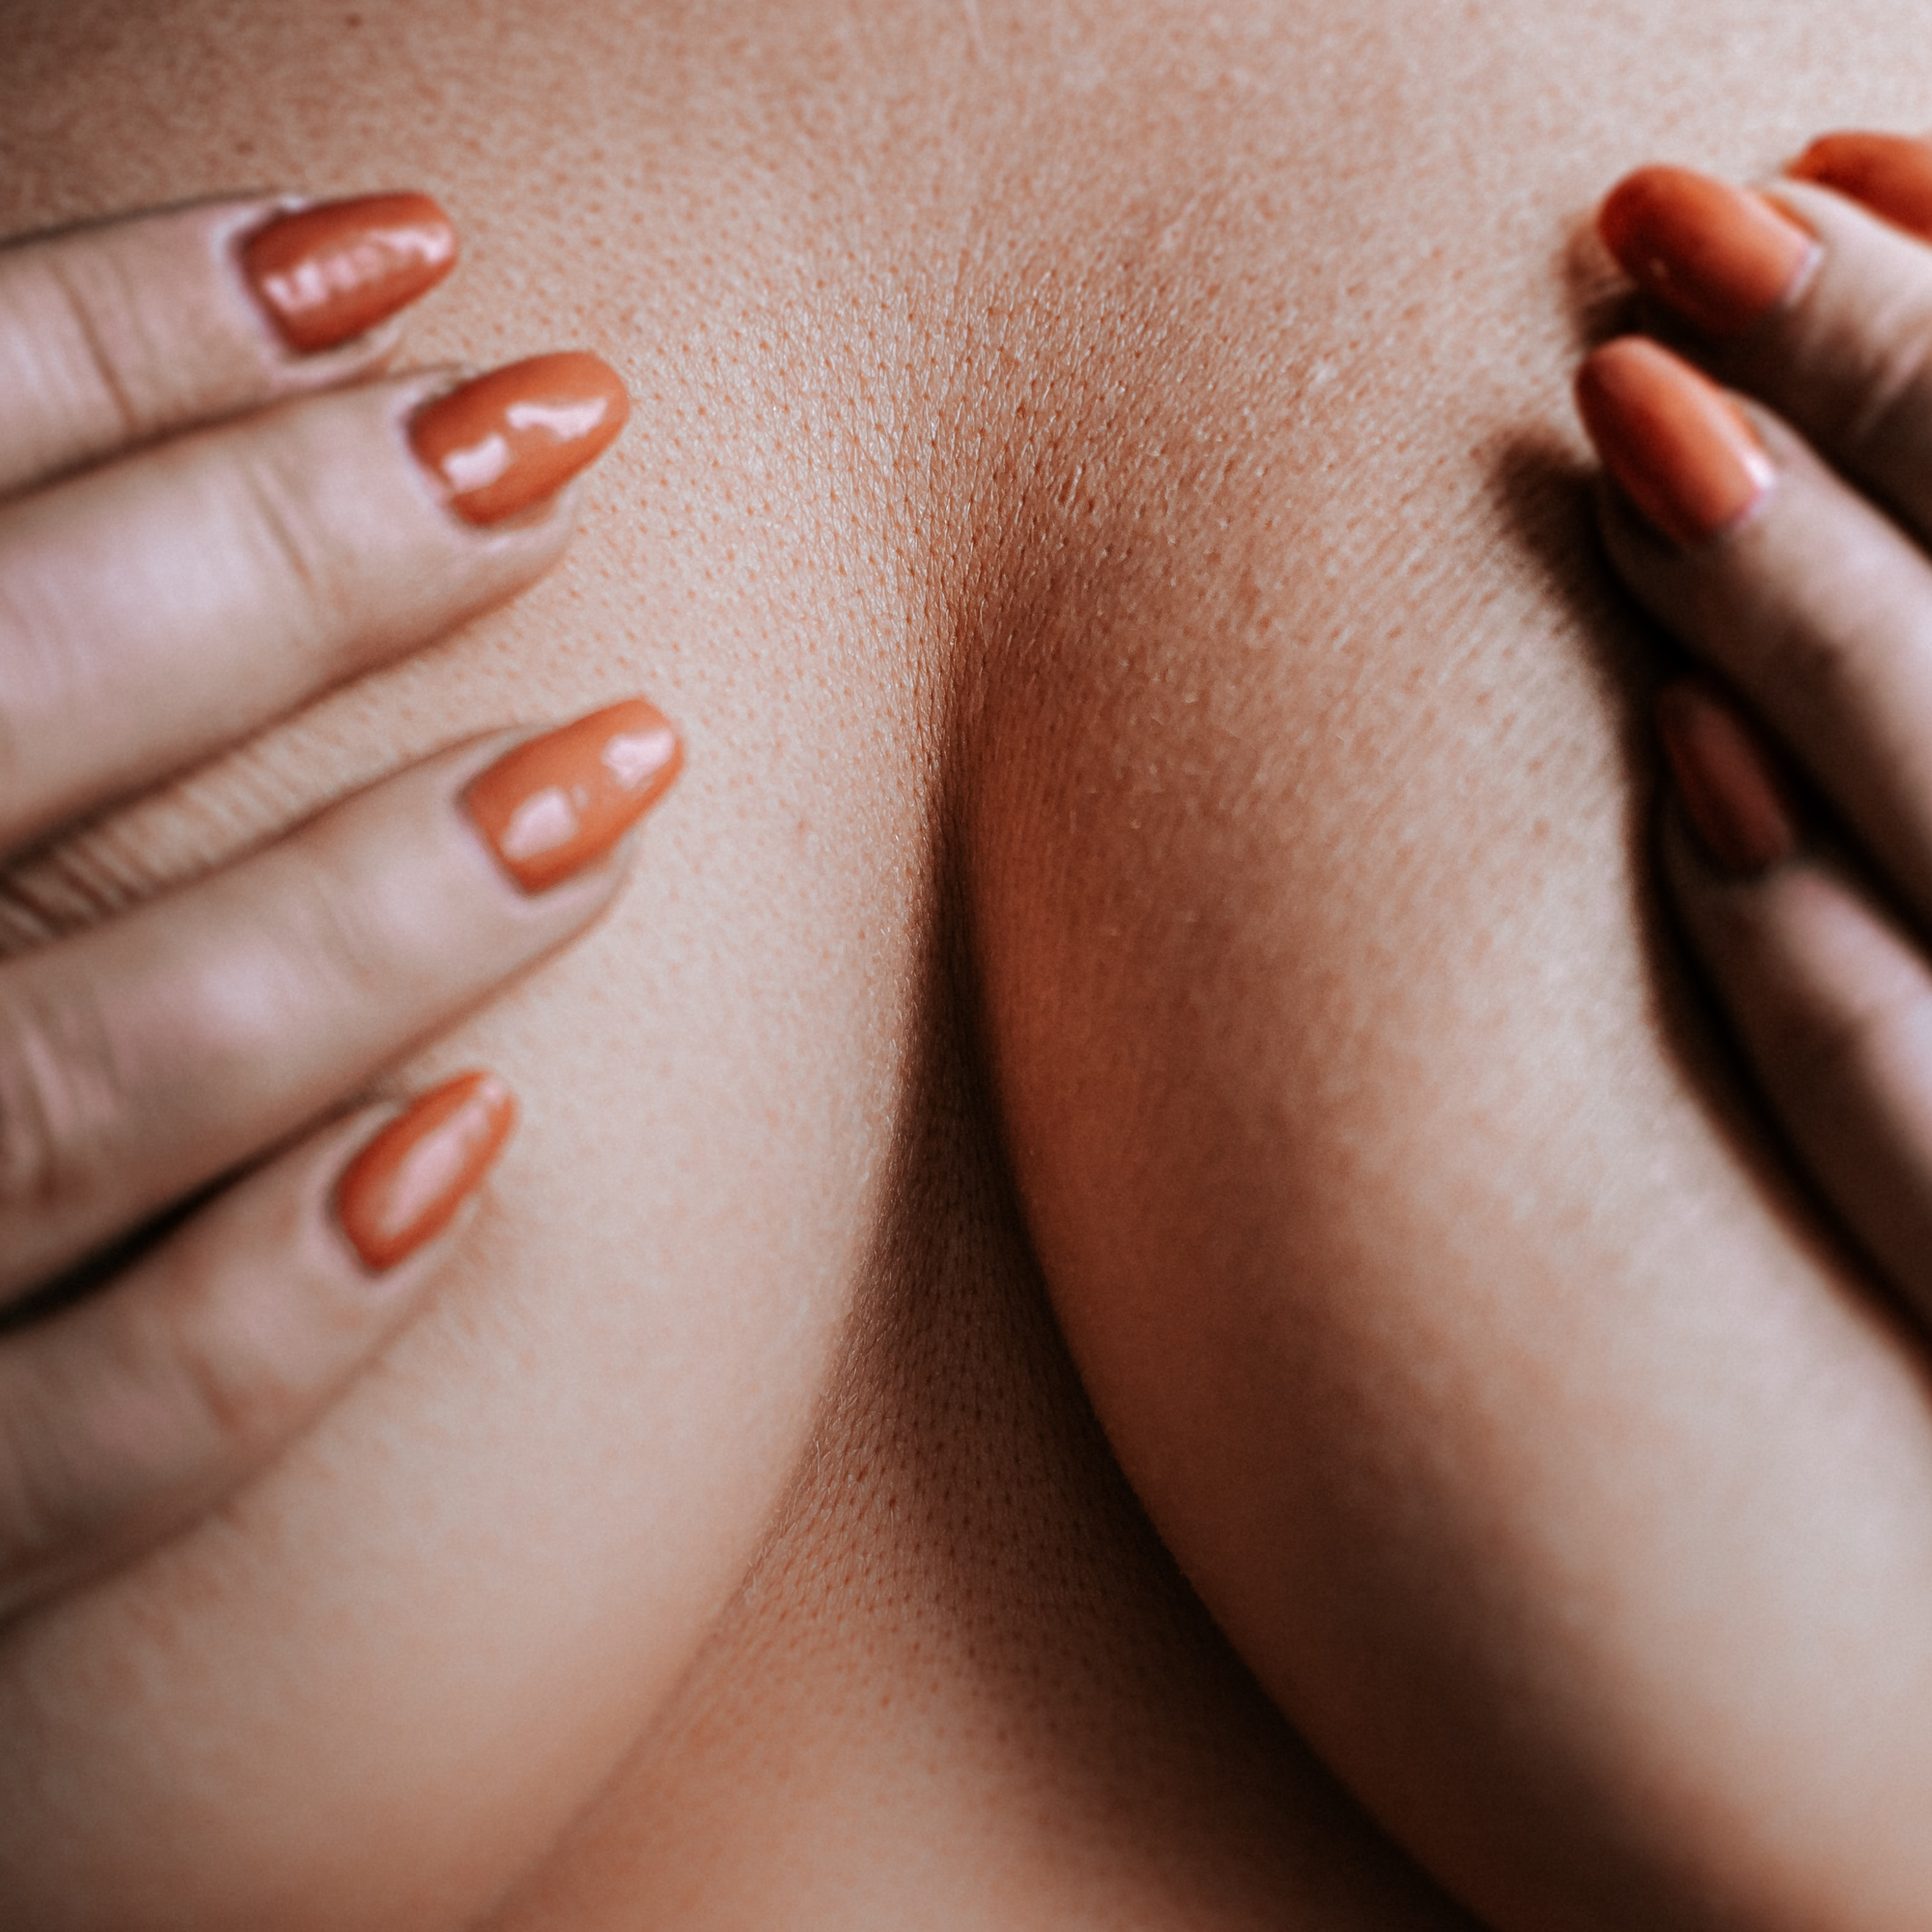 Therapeutic Breast Massage